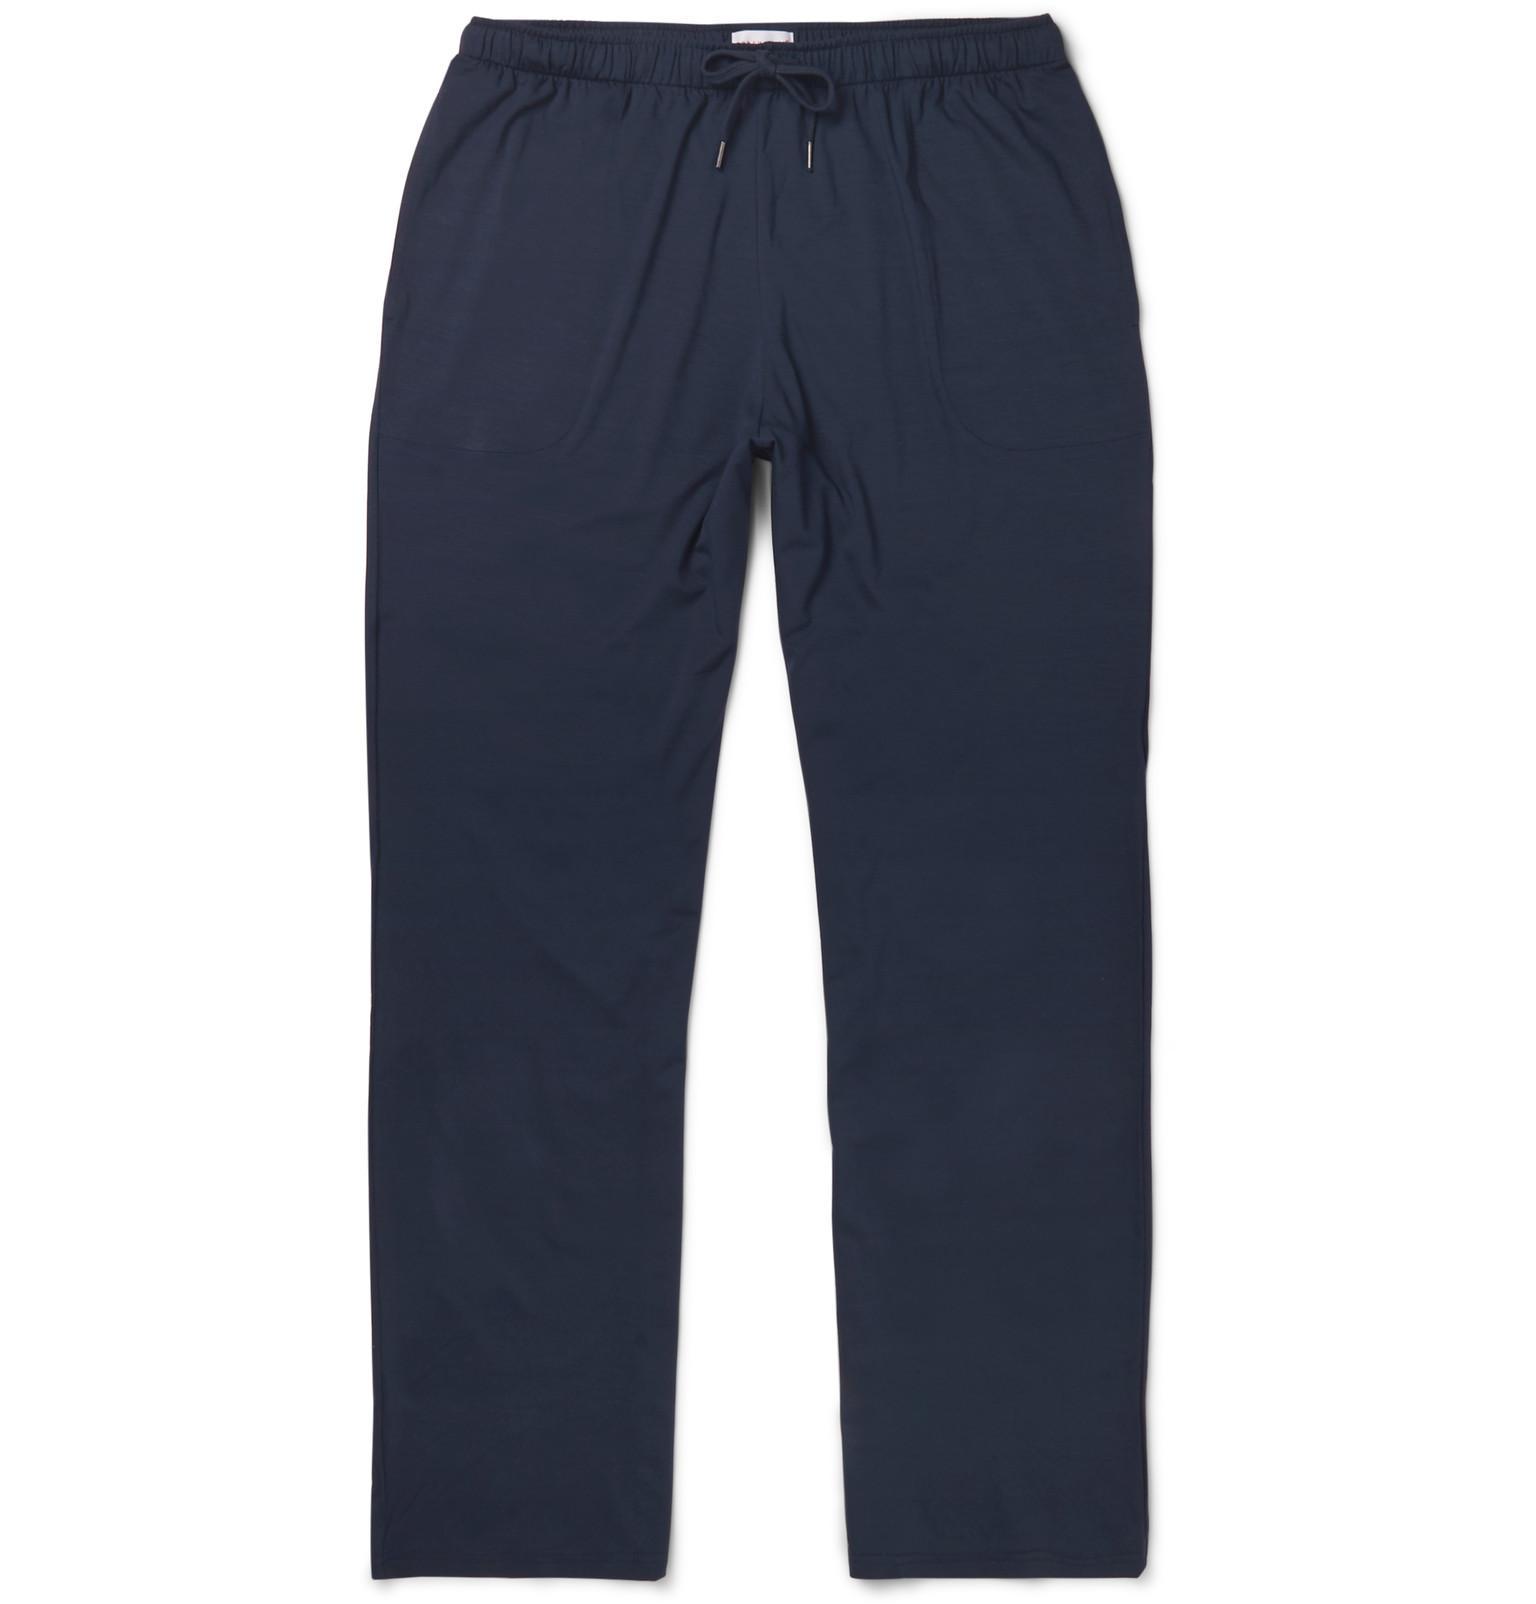 Bâle Pantalon Extensible Longues En Jersey Micro Modal Derek Rose HmIRB